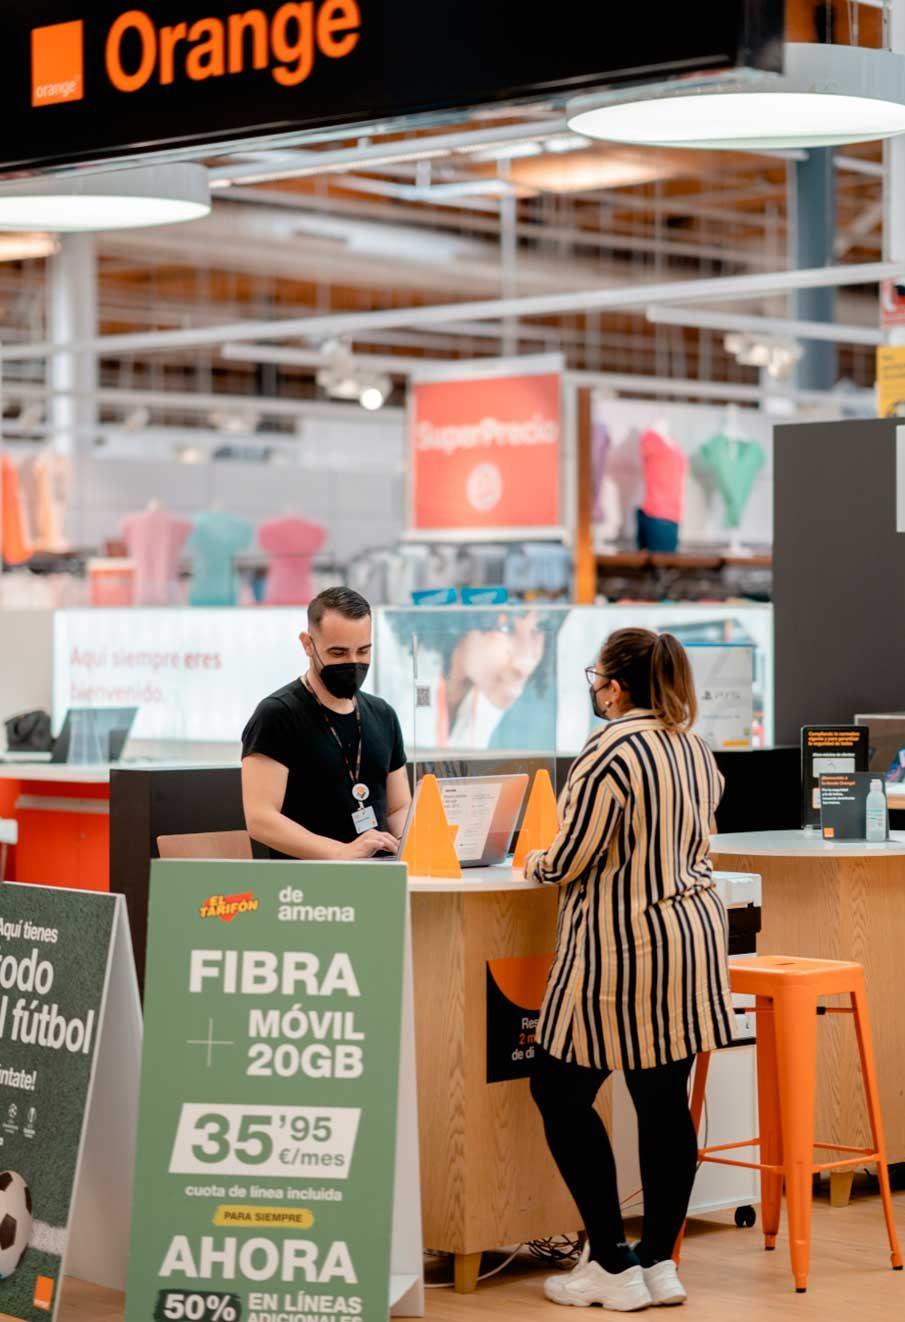 Importancia a la experiencia del cliente en la tienda Orange retail